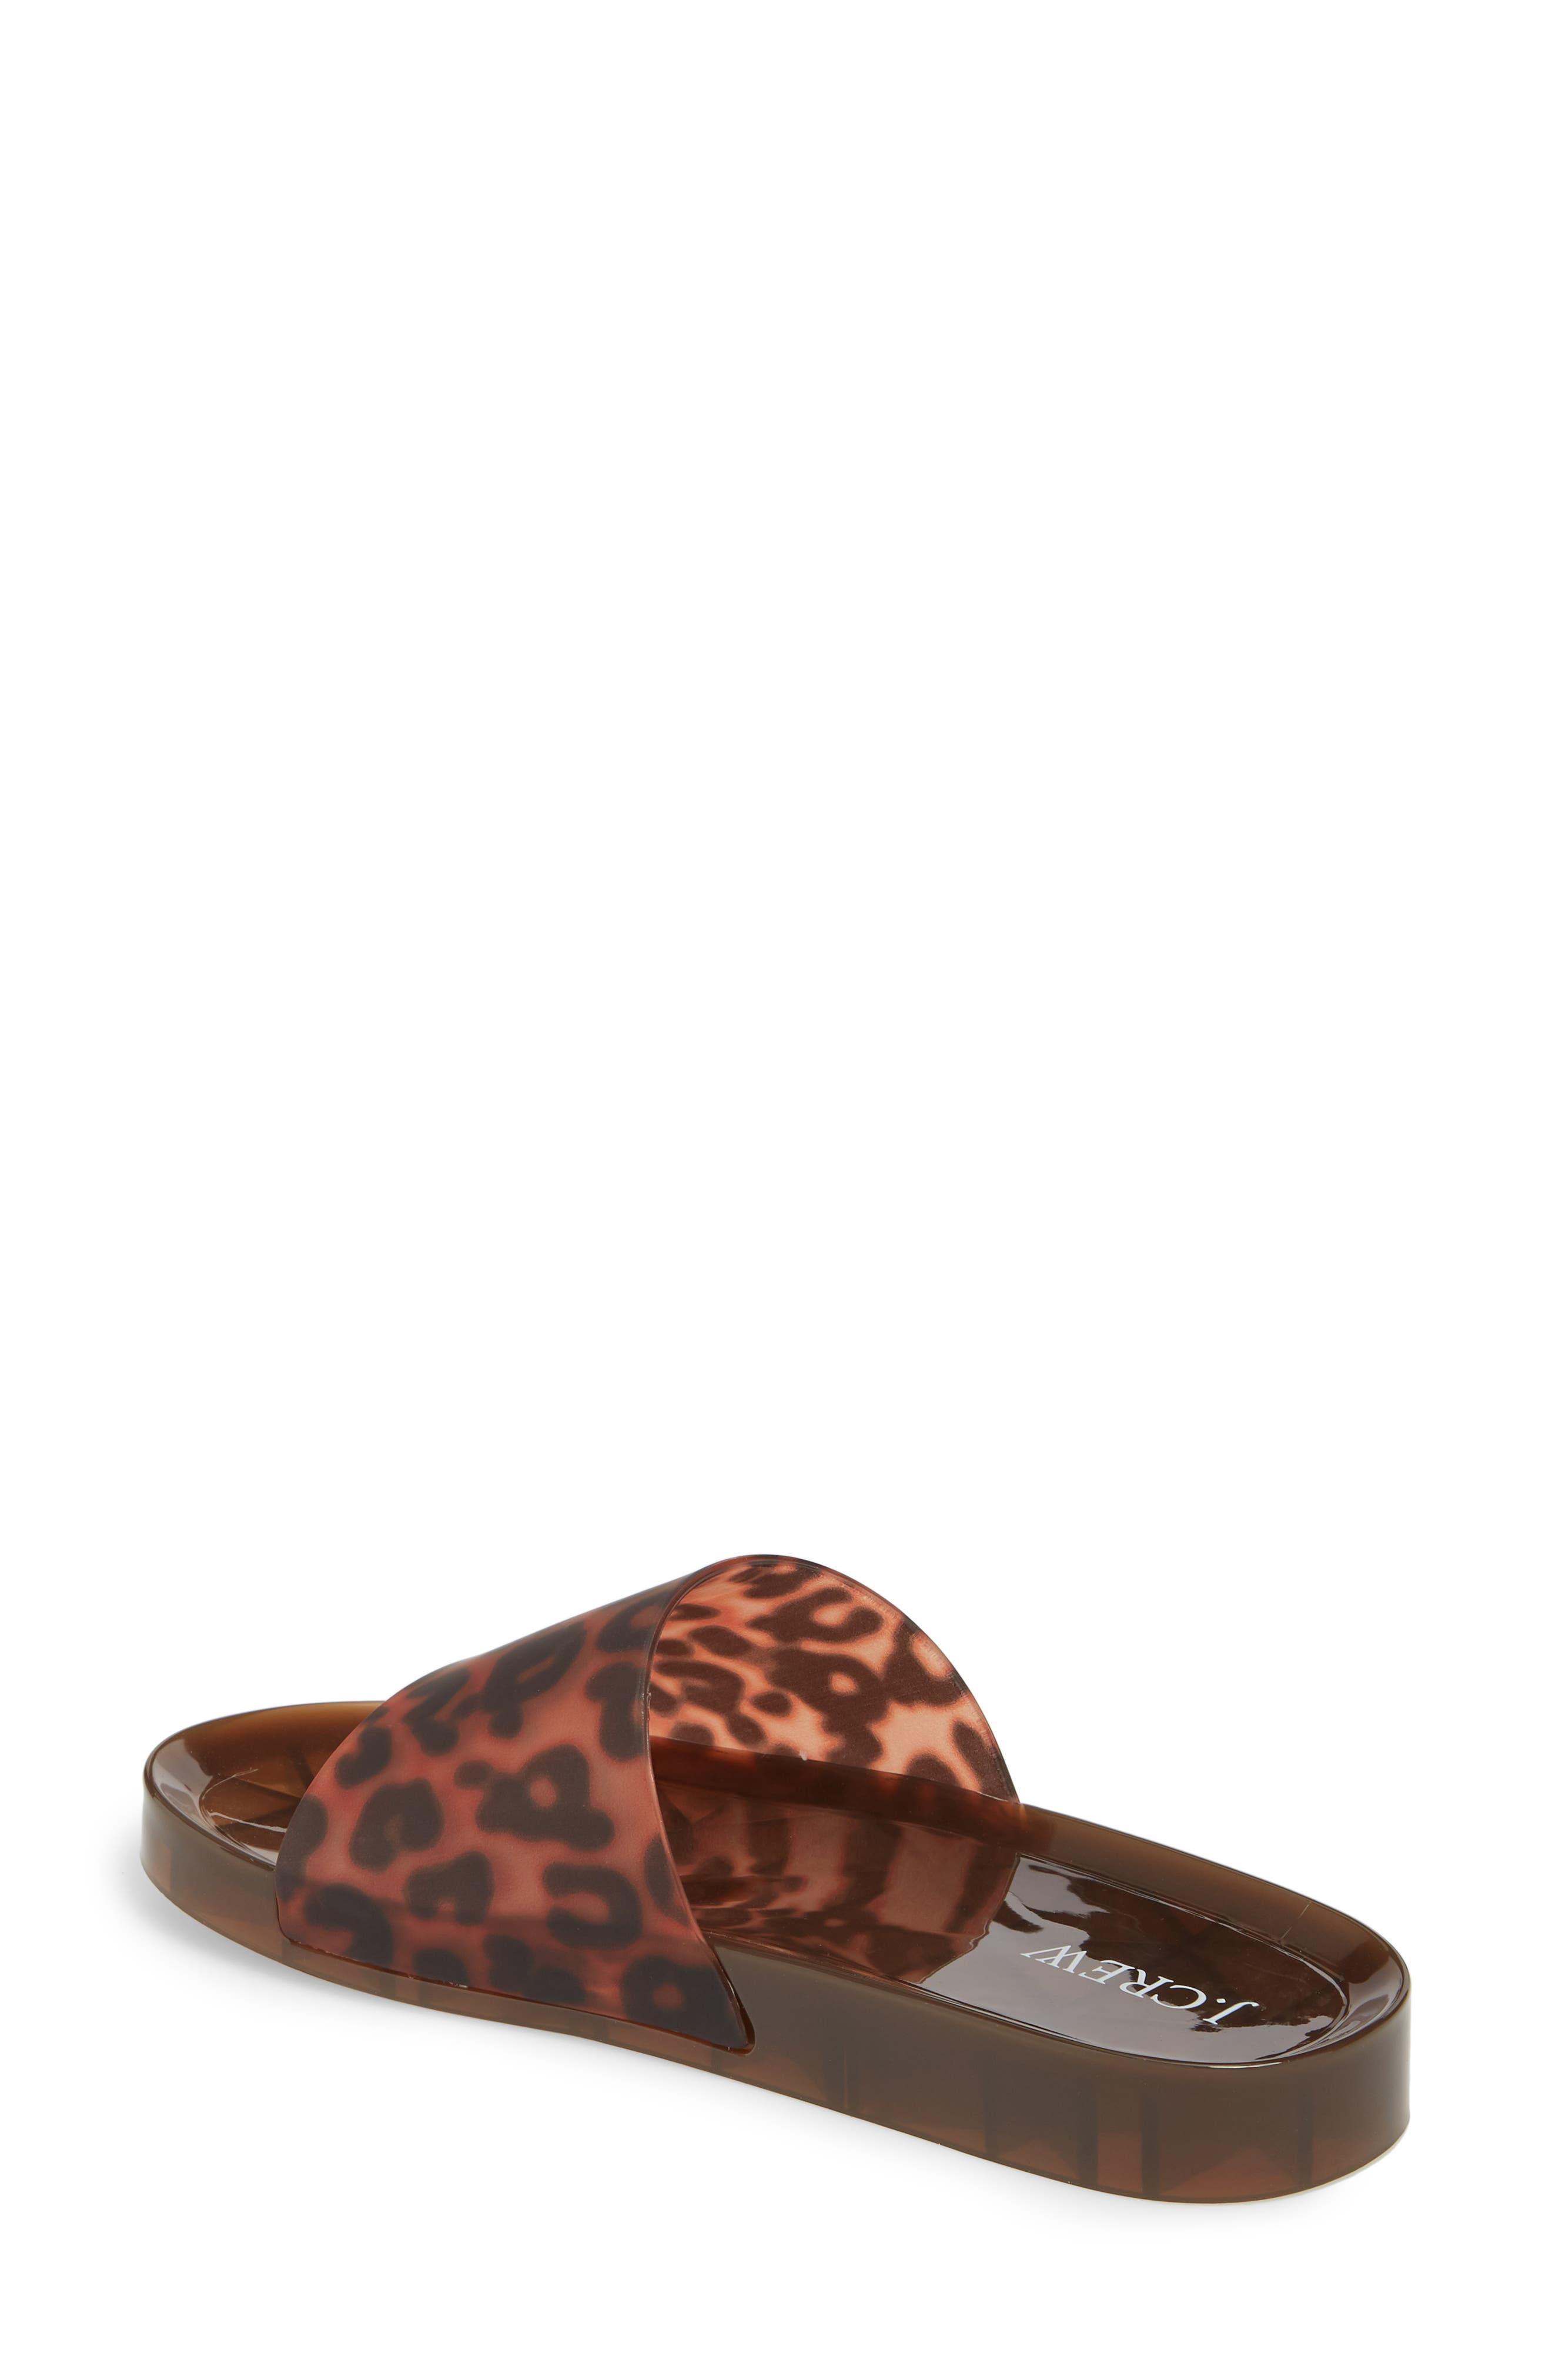 J. Crew Tortoise Slide Sandal,                             Alternate thumbnail 2, color,                             200